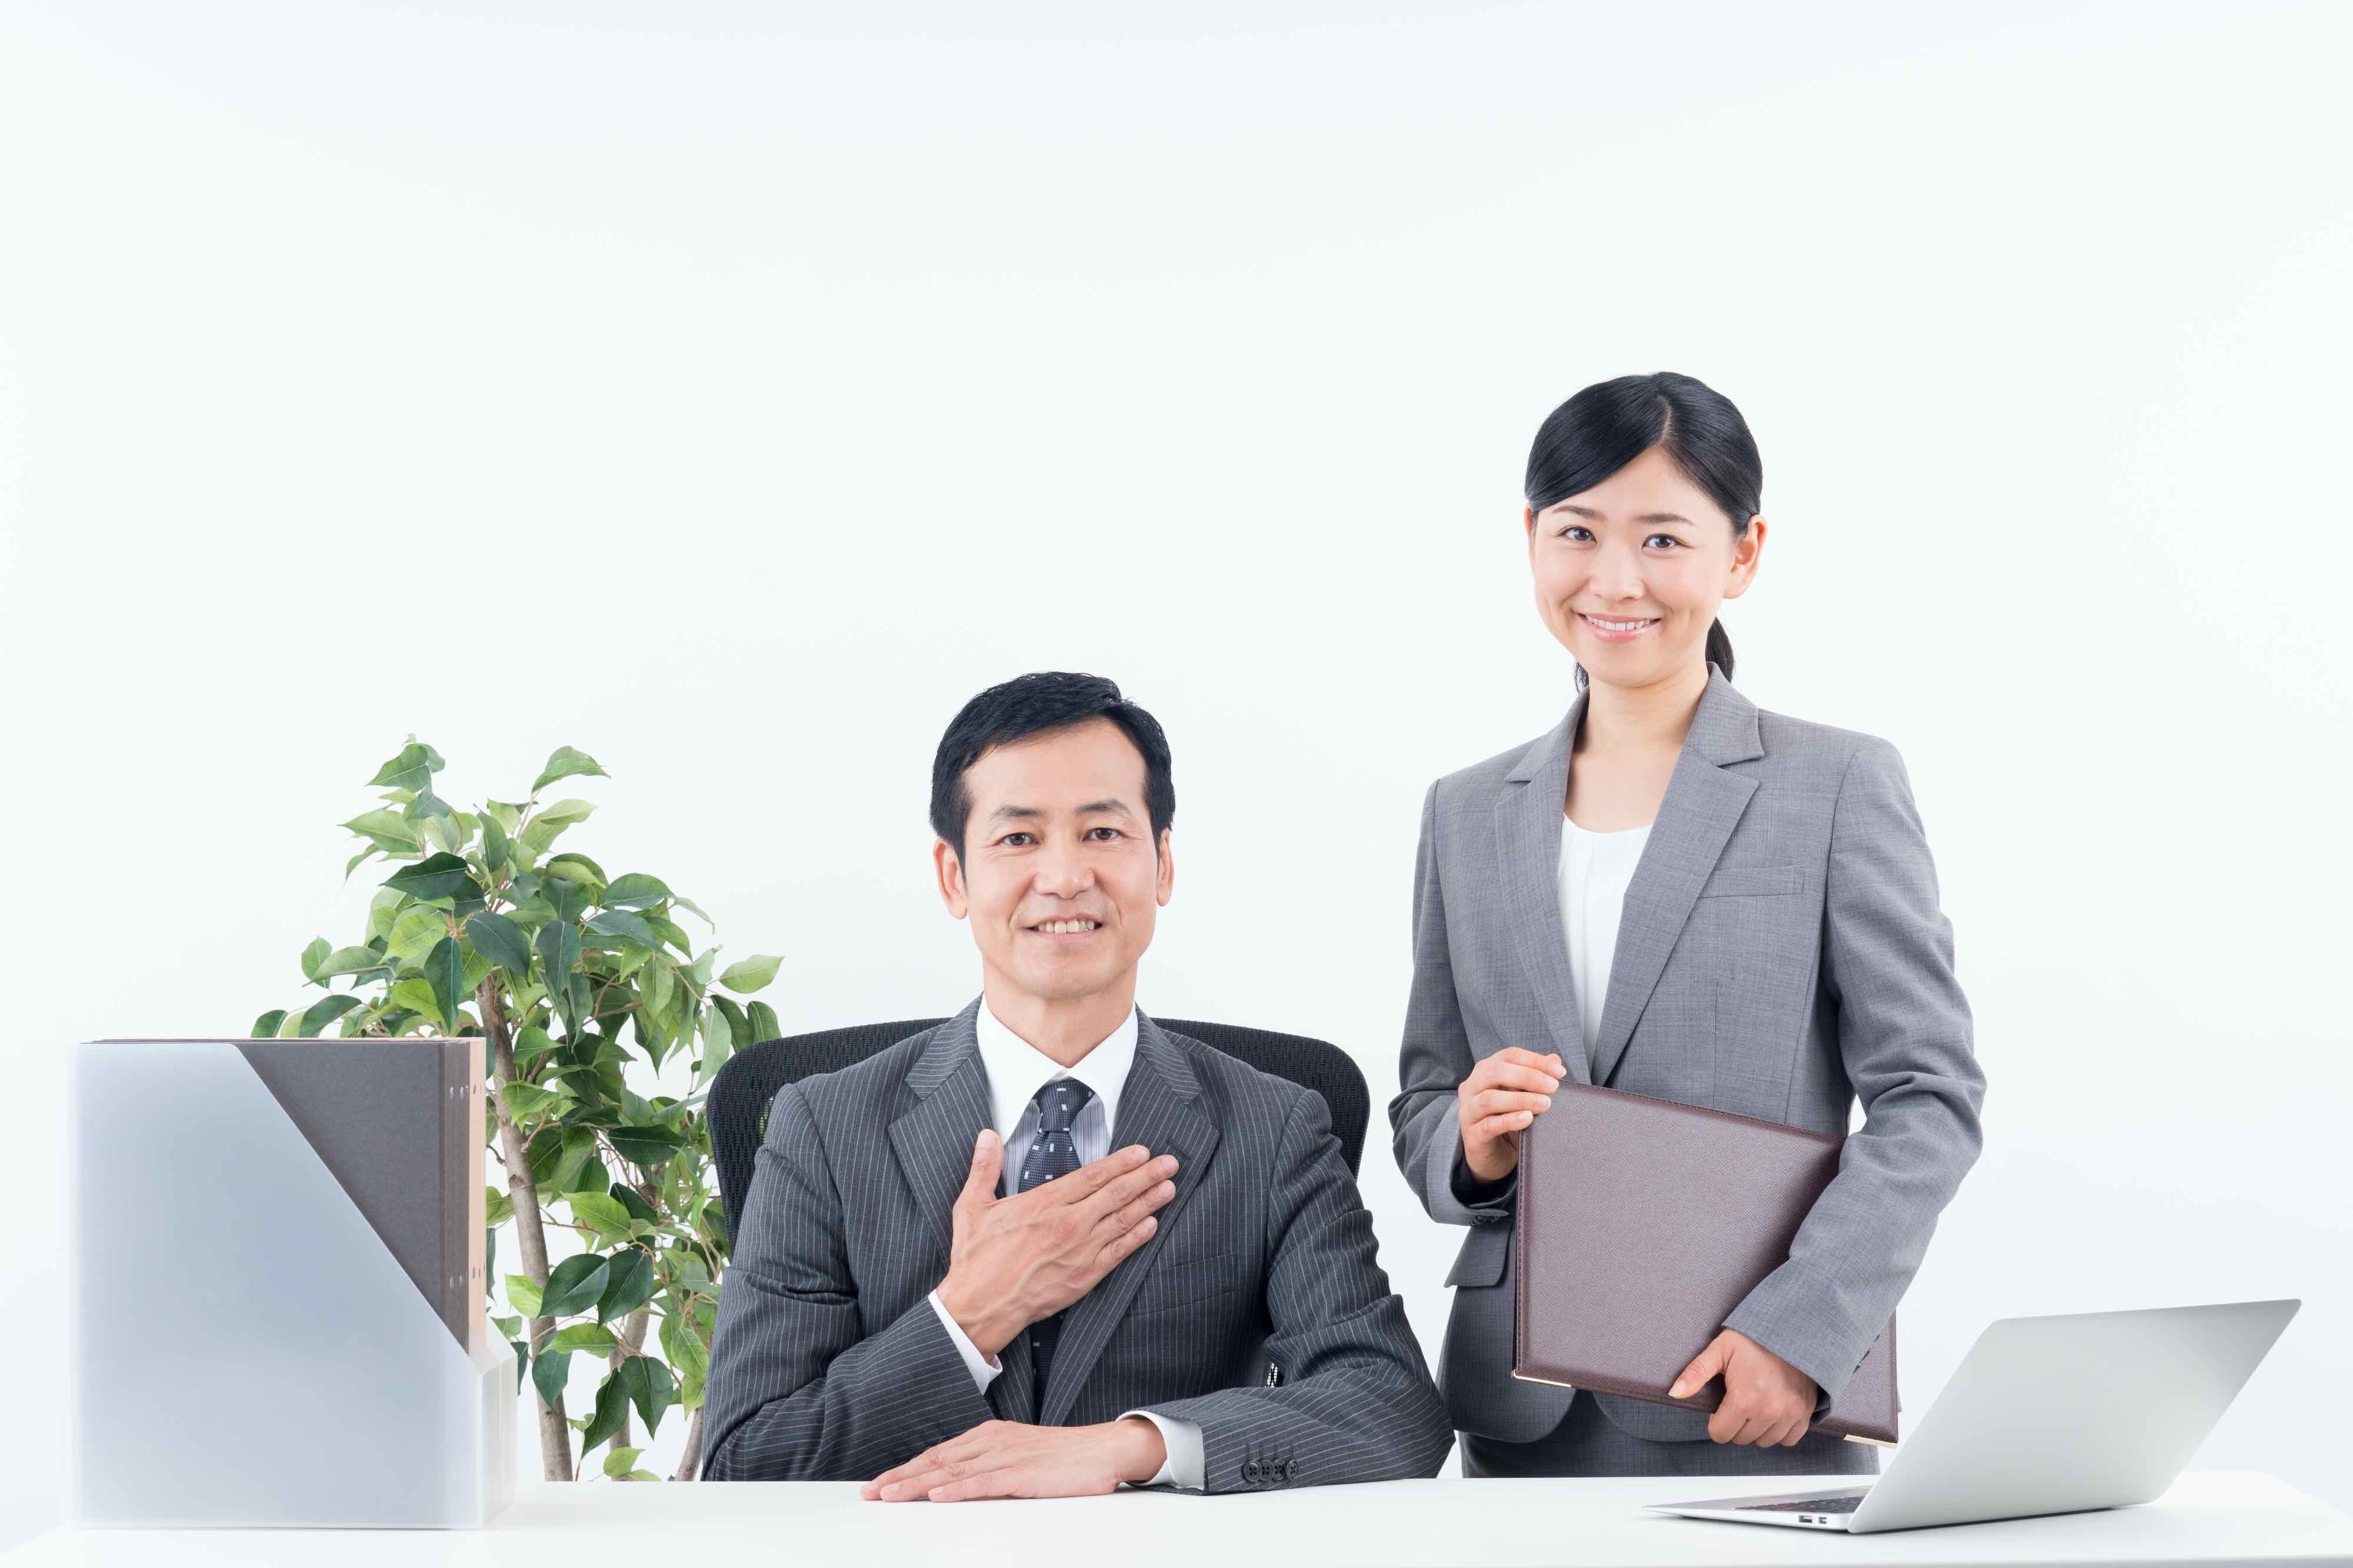 日本政策金融公庫のローン概要【おすすめローン・金利・審査】